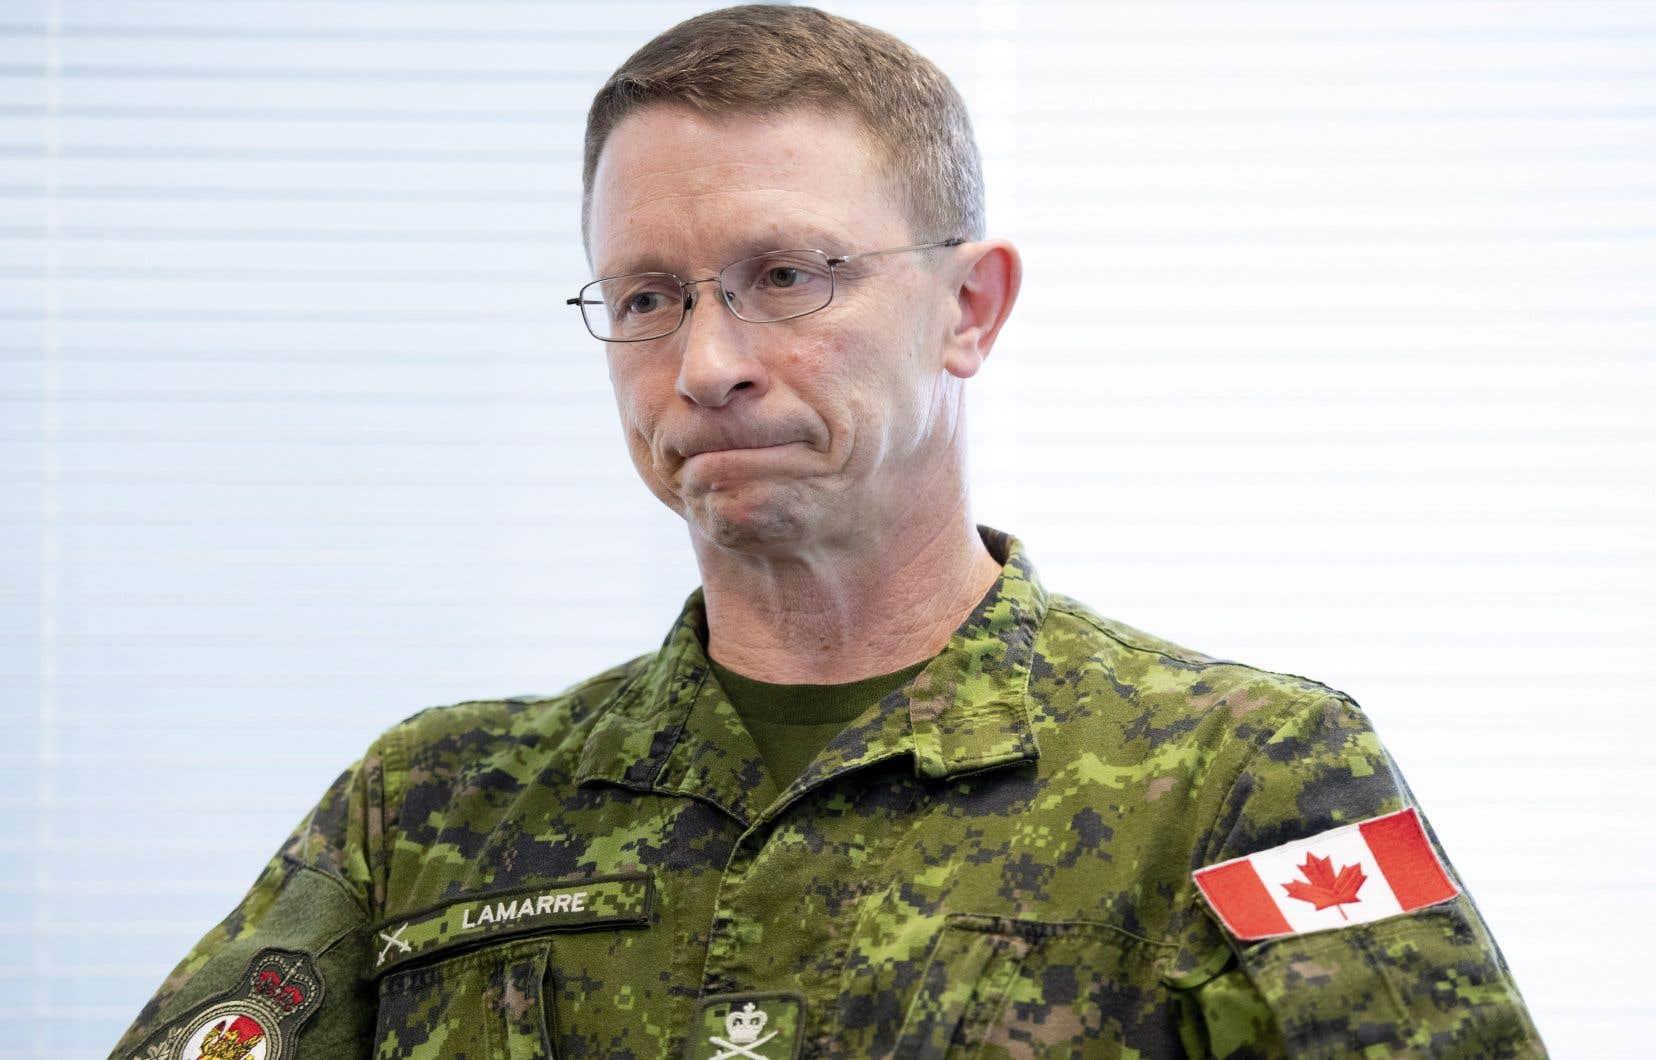 Le bureau du lieutenant-général Lamarre a confirmé que quatre élèves-officiers du Collège militaire royal de Saint-Jean sont accusés d'avoir profané un Coran.